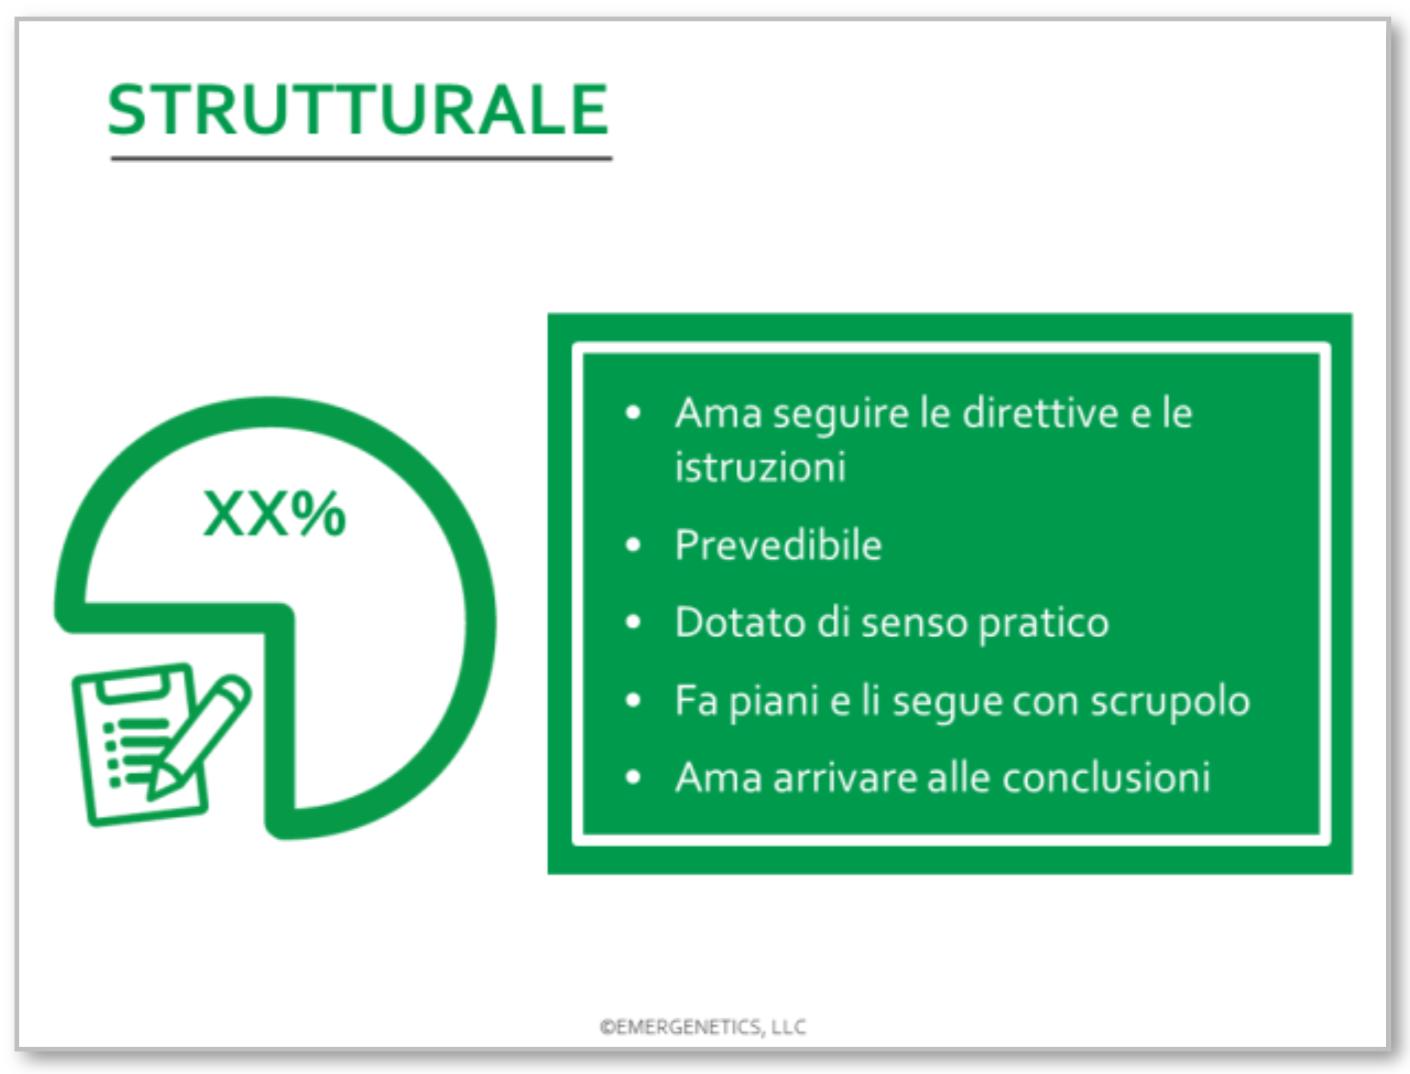 dimensione cognitiva_strutturale